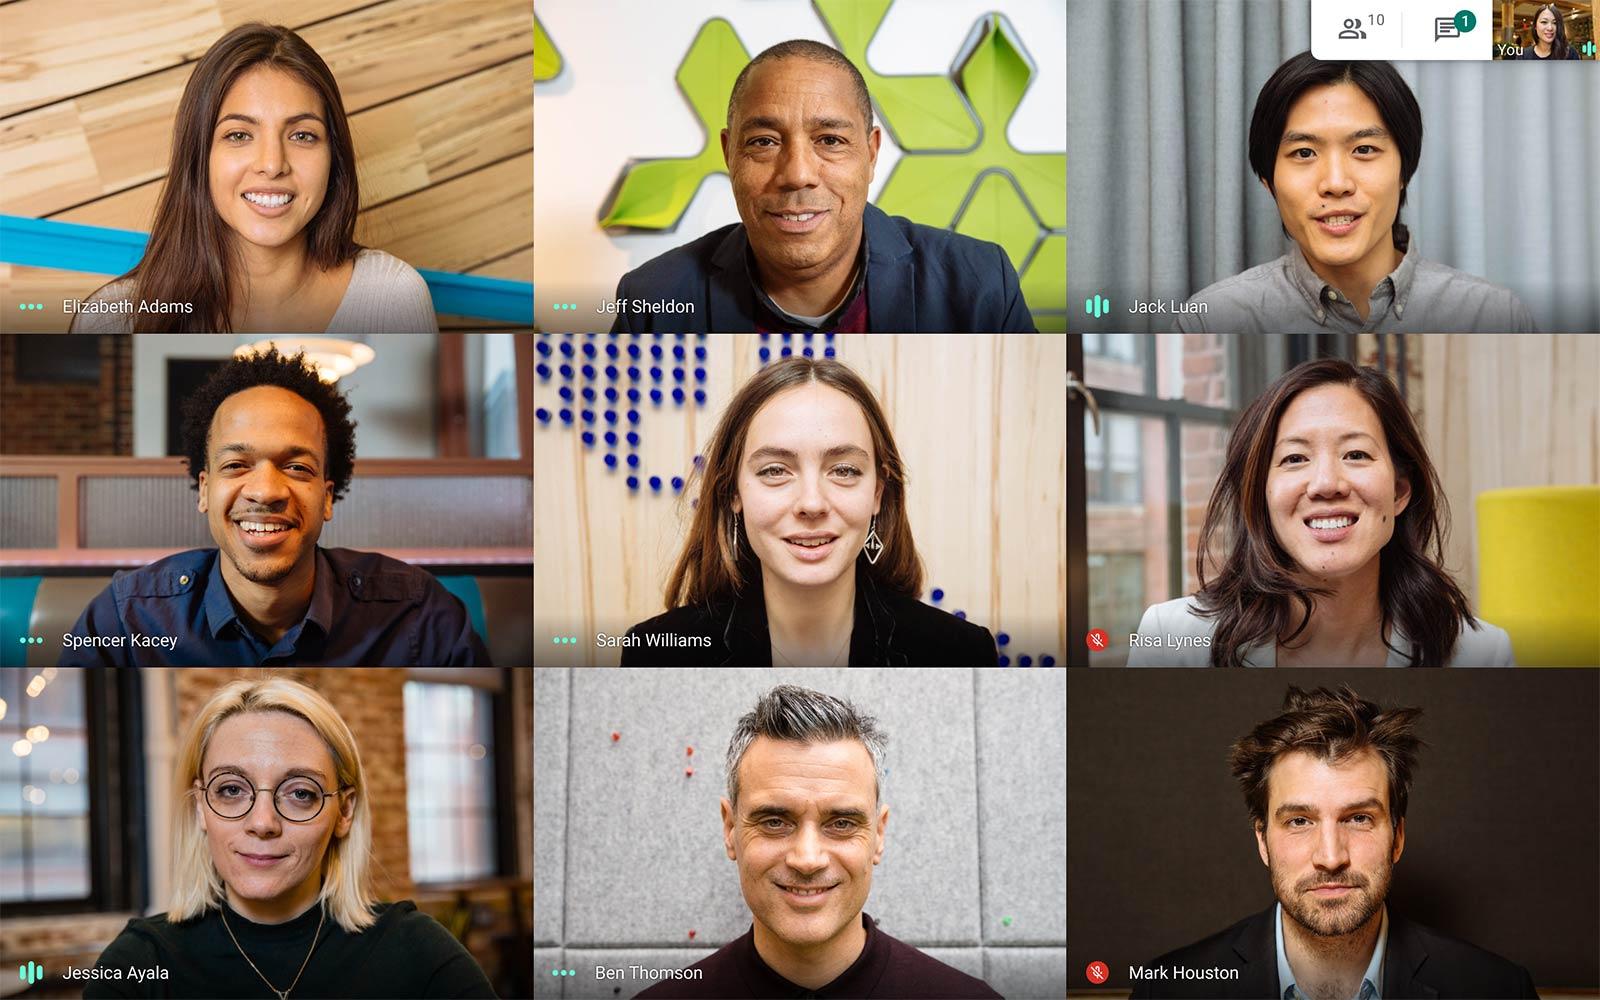 Google Meet proroga le chiamate senza limiti al 30 giugno 2021